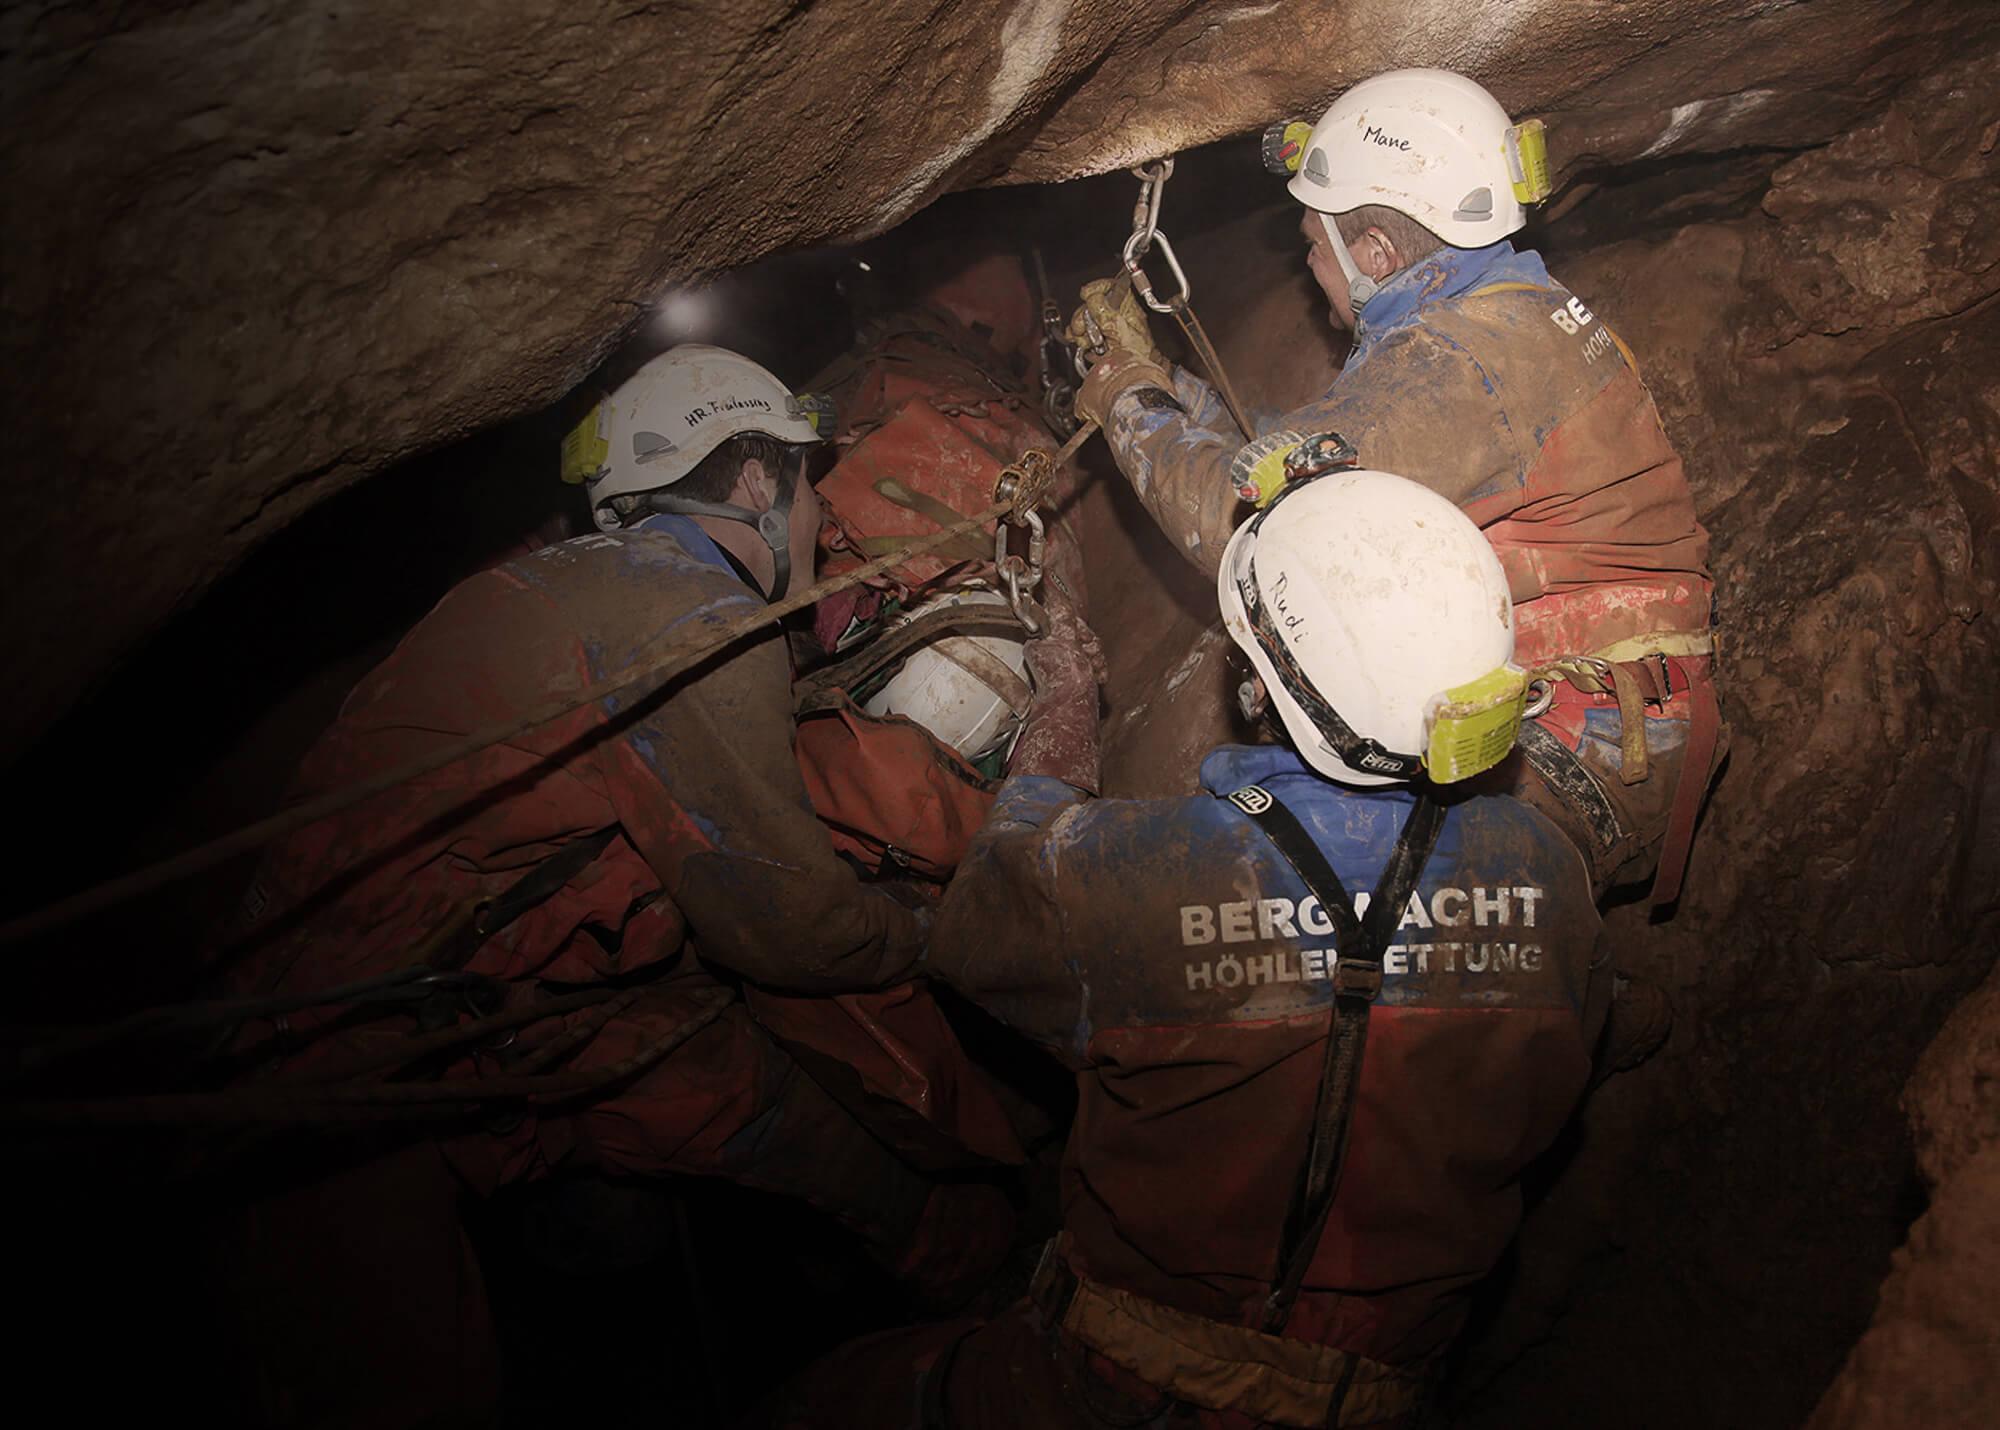 Rettung aus Canyons, Höhlen, Seilbahnen